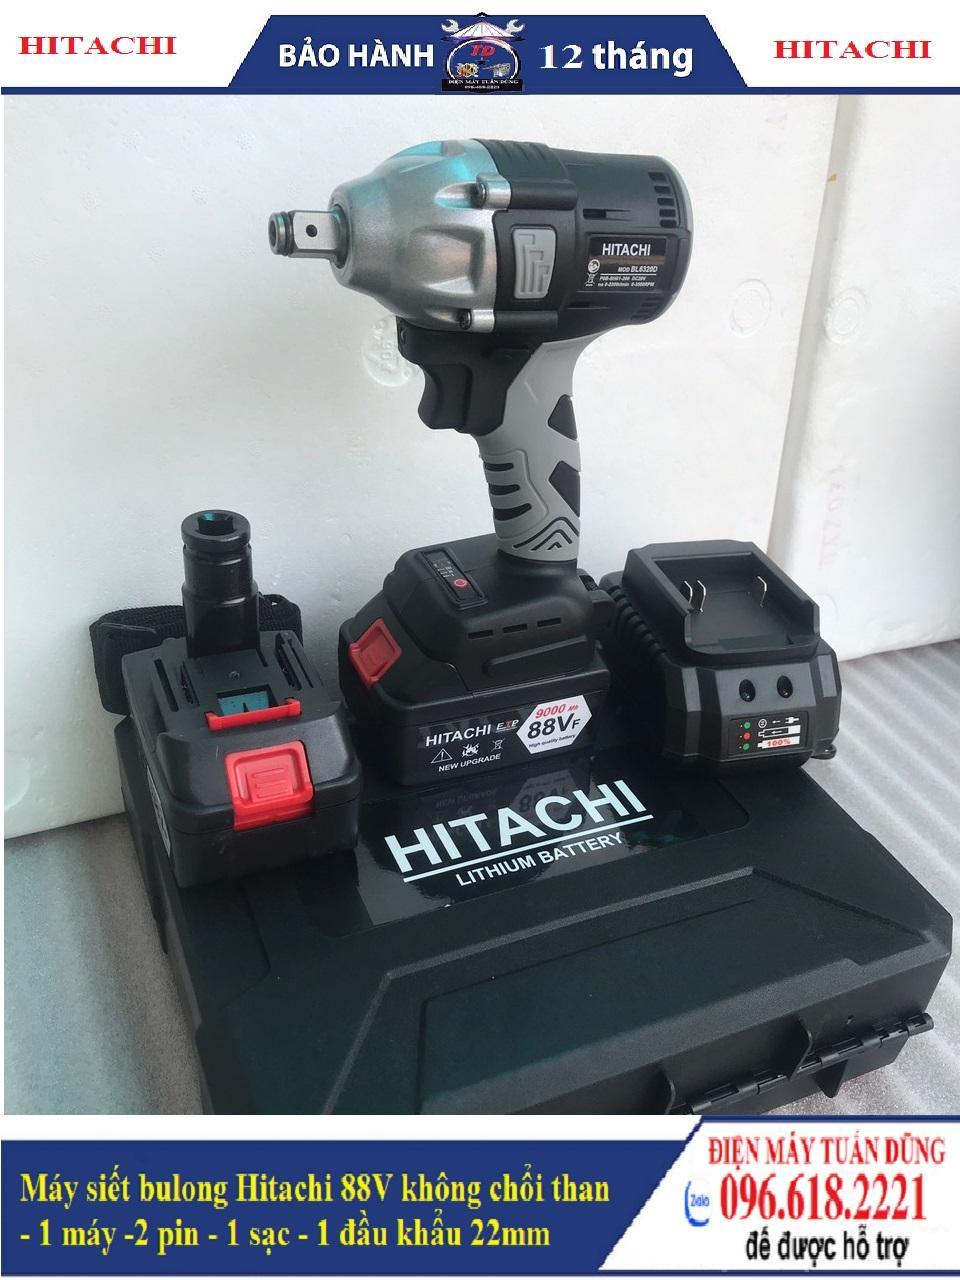 Siết bulong Hitachi 88V không chổi than 2 chức năng - Máy siết bulong